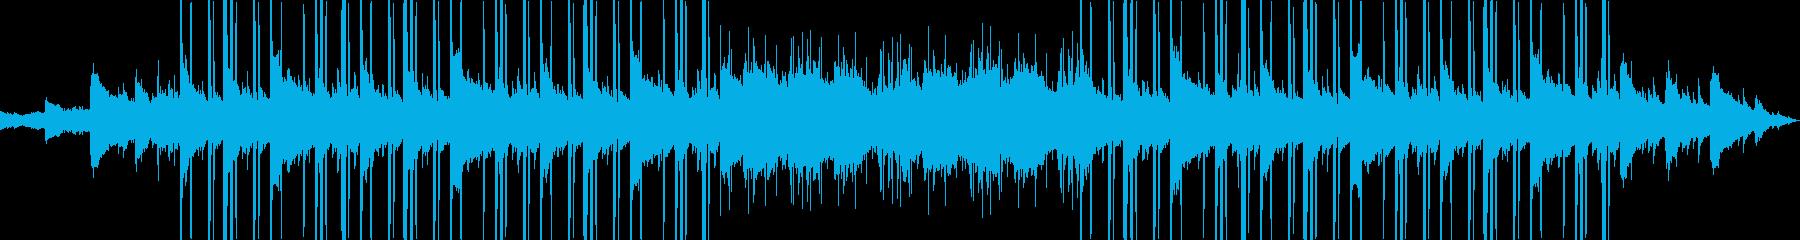 Lofi Hiphop 勉強用 ドリームの再生済みの波形